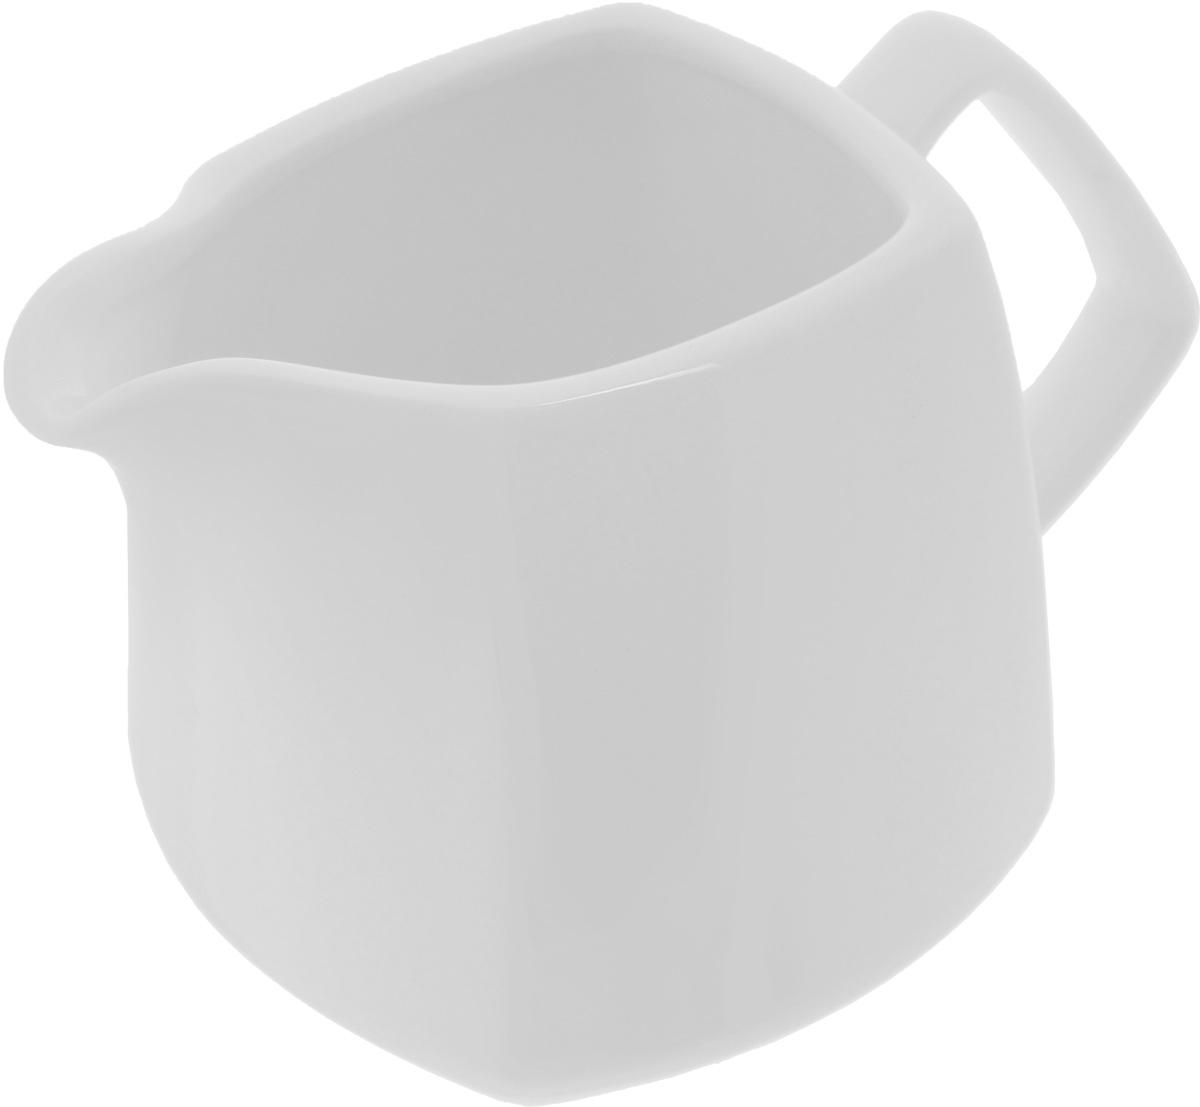 Молочник Wilmax, 310 млWL-995027 / 1CЭлегантный молочник Wilmax, выполненный из высококачественного фарфора с глазурованным покрытием, предназначен для подачи сливок, соуса и молока. Изящный, но в тоже время простой дизайн молочника, станет прекрасным украшением стола. Ширина молочника (с учетом ручки и носика): 13,5 см.Высота молочника: 8,8 см.